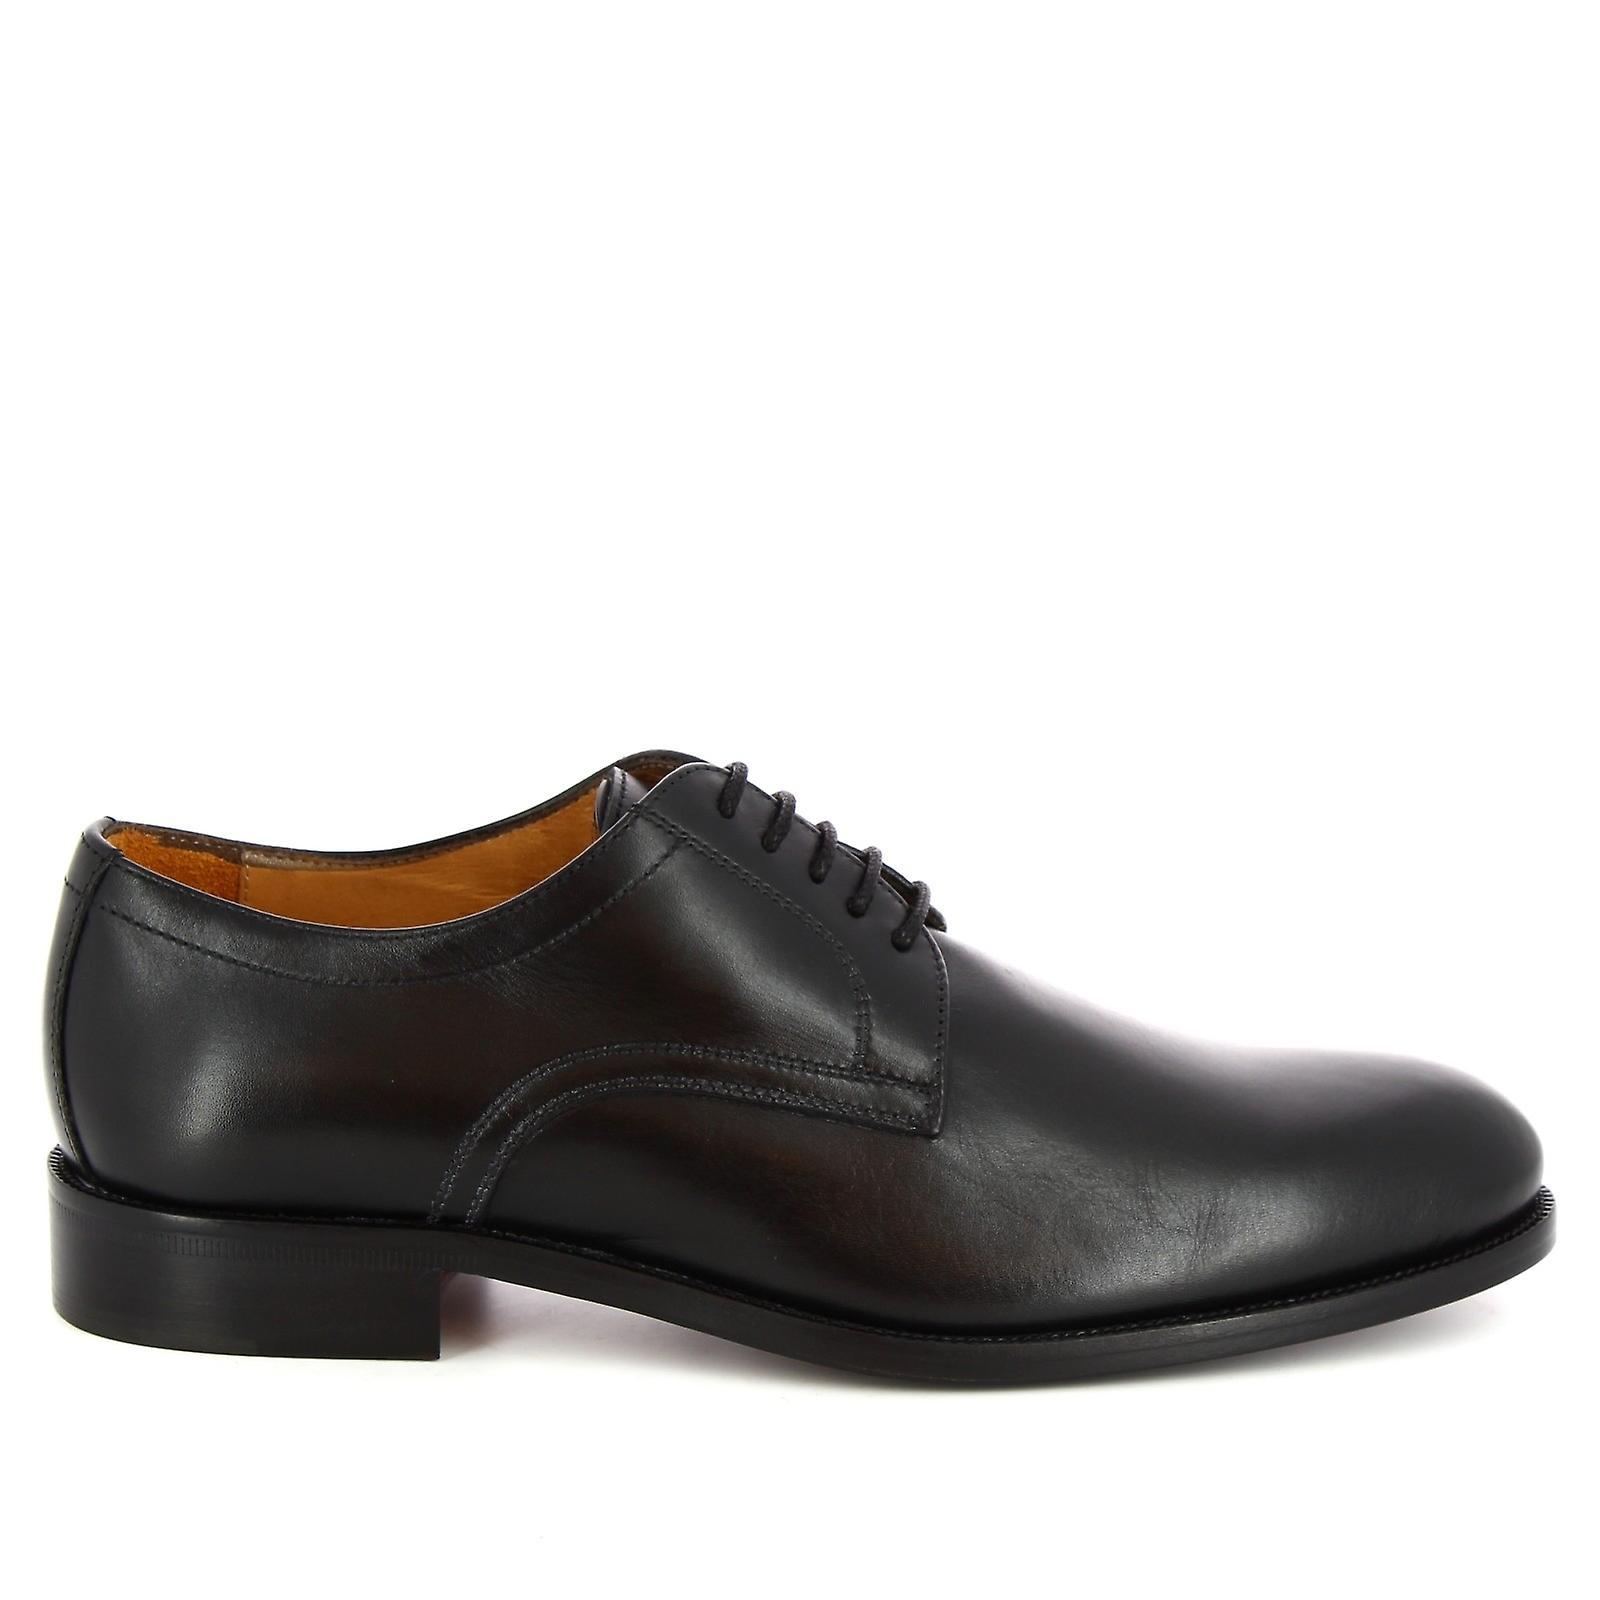 Leonardo sko menn ' s håndlaget elegante Oxford sko i svart kalv skinn